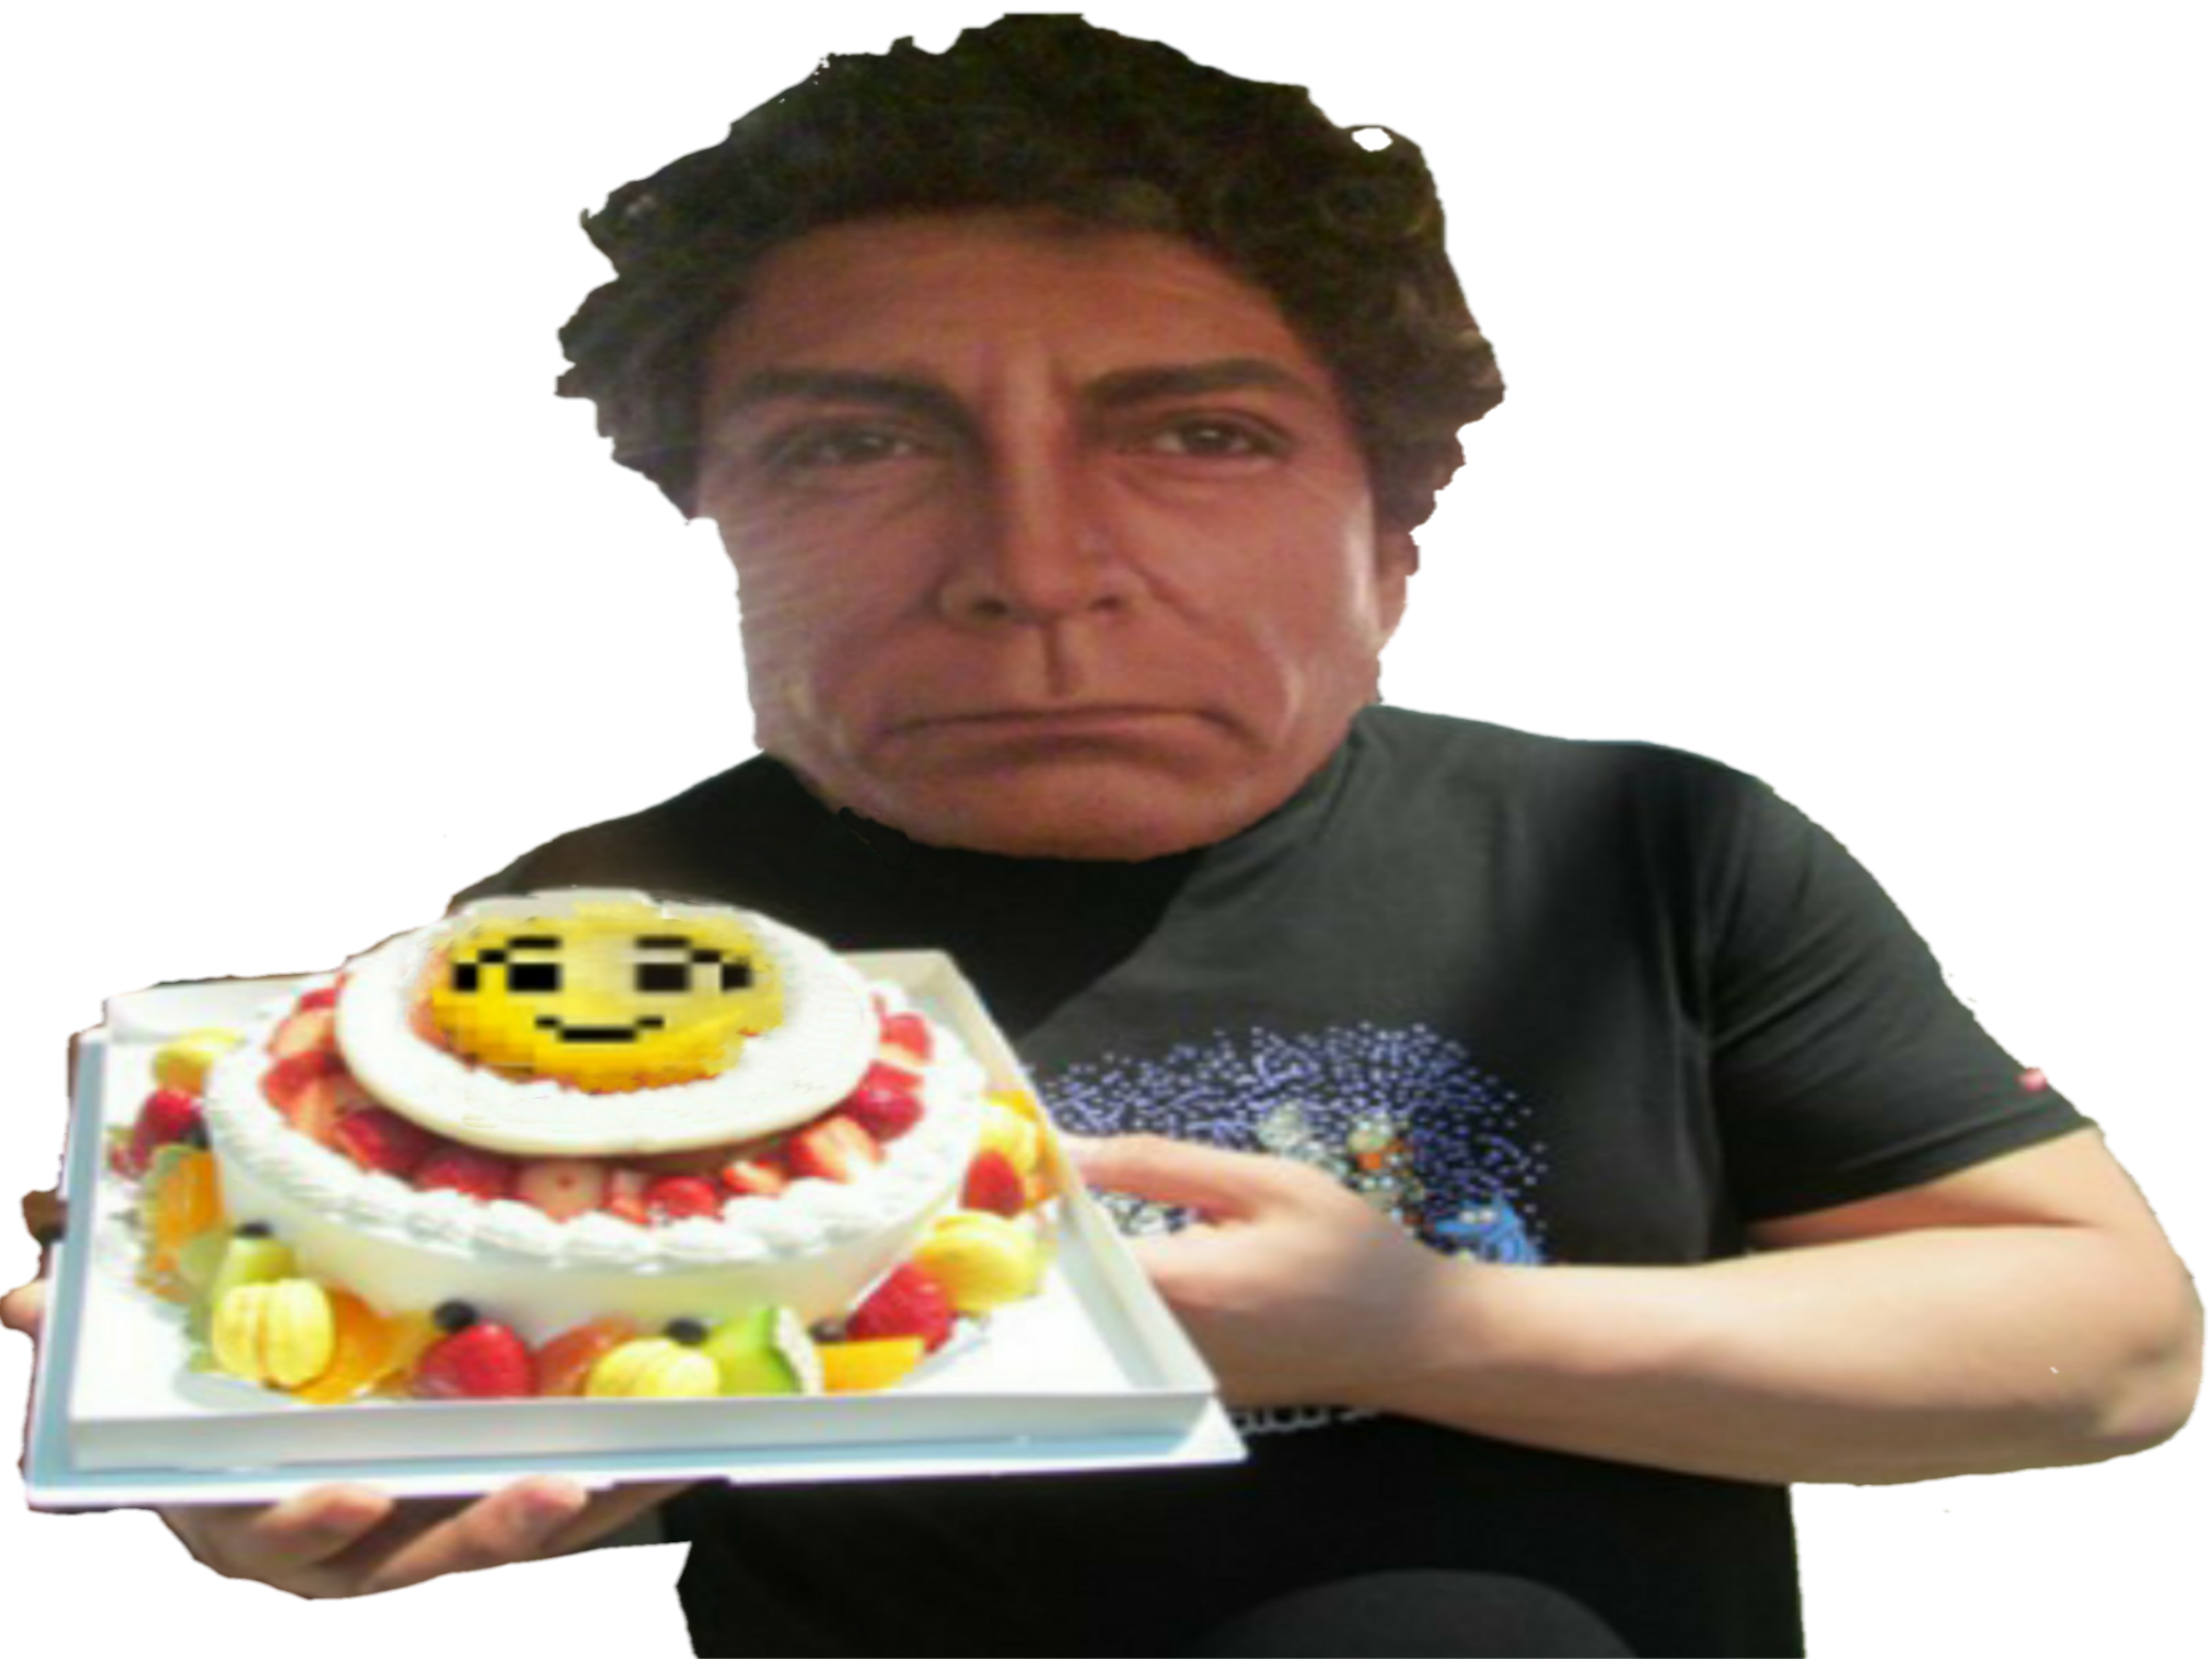 Sticker jesus gateau alimentaire hap kheys anniversaire